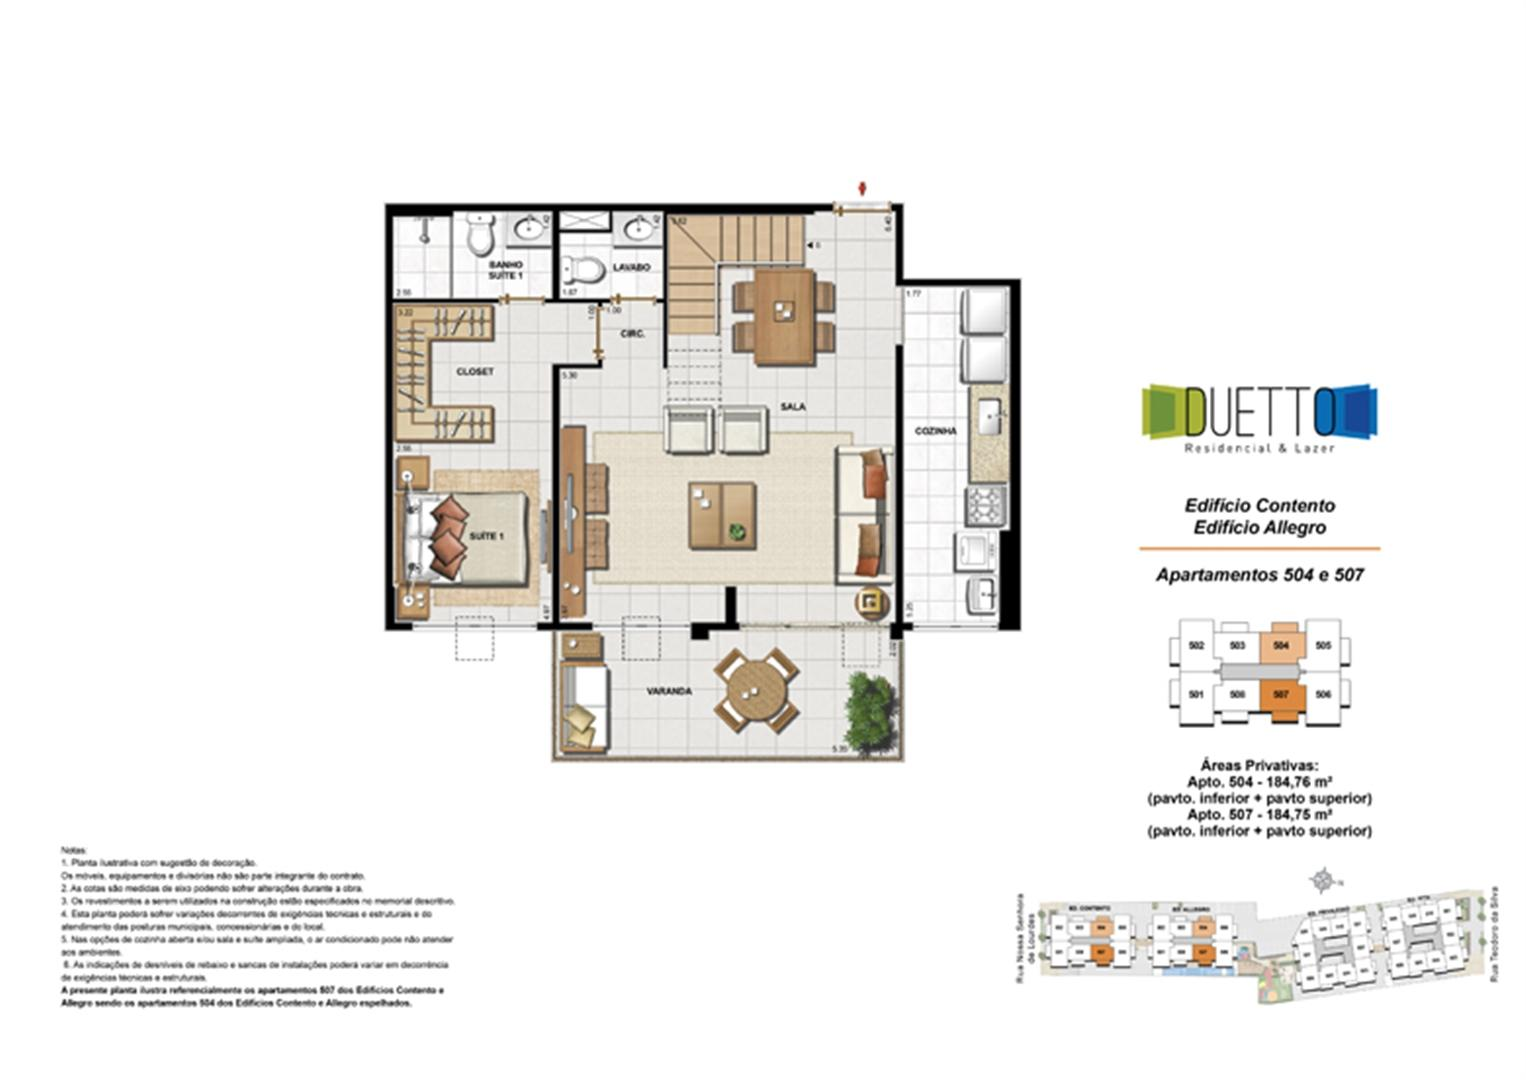 Cobertura Duplex - 2 Quartos com suíte - 184m² - pavto Inferior + pavto superior | Duetto Residencial & Lazer – Apartamento no  Grajaú - Rio de Janeiro - Rio de Janeiro